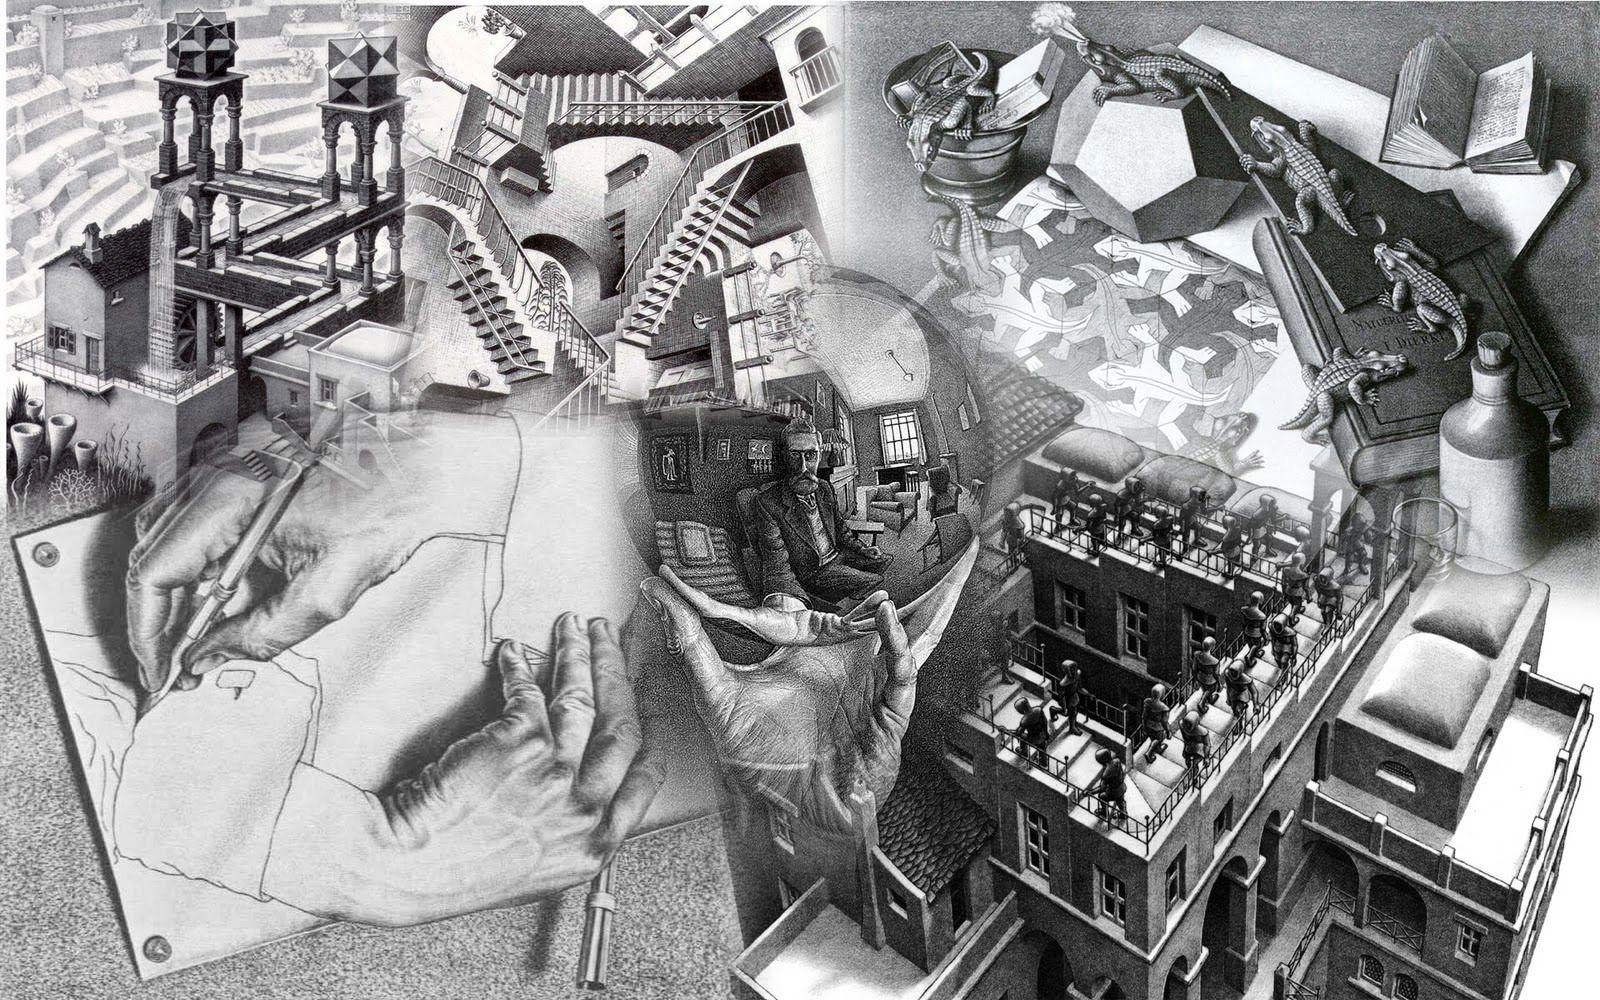 013 M C Escher Via Pensaryaprender Blogpot Mc Escher Art Wallpaper